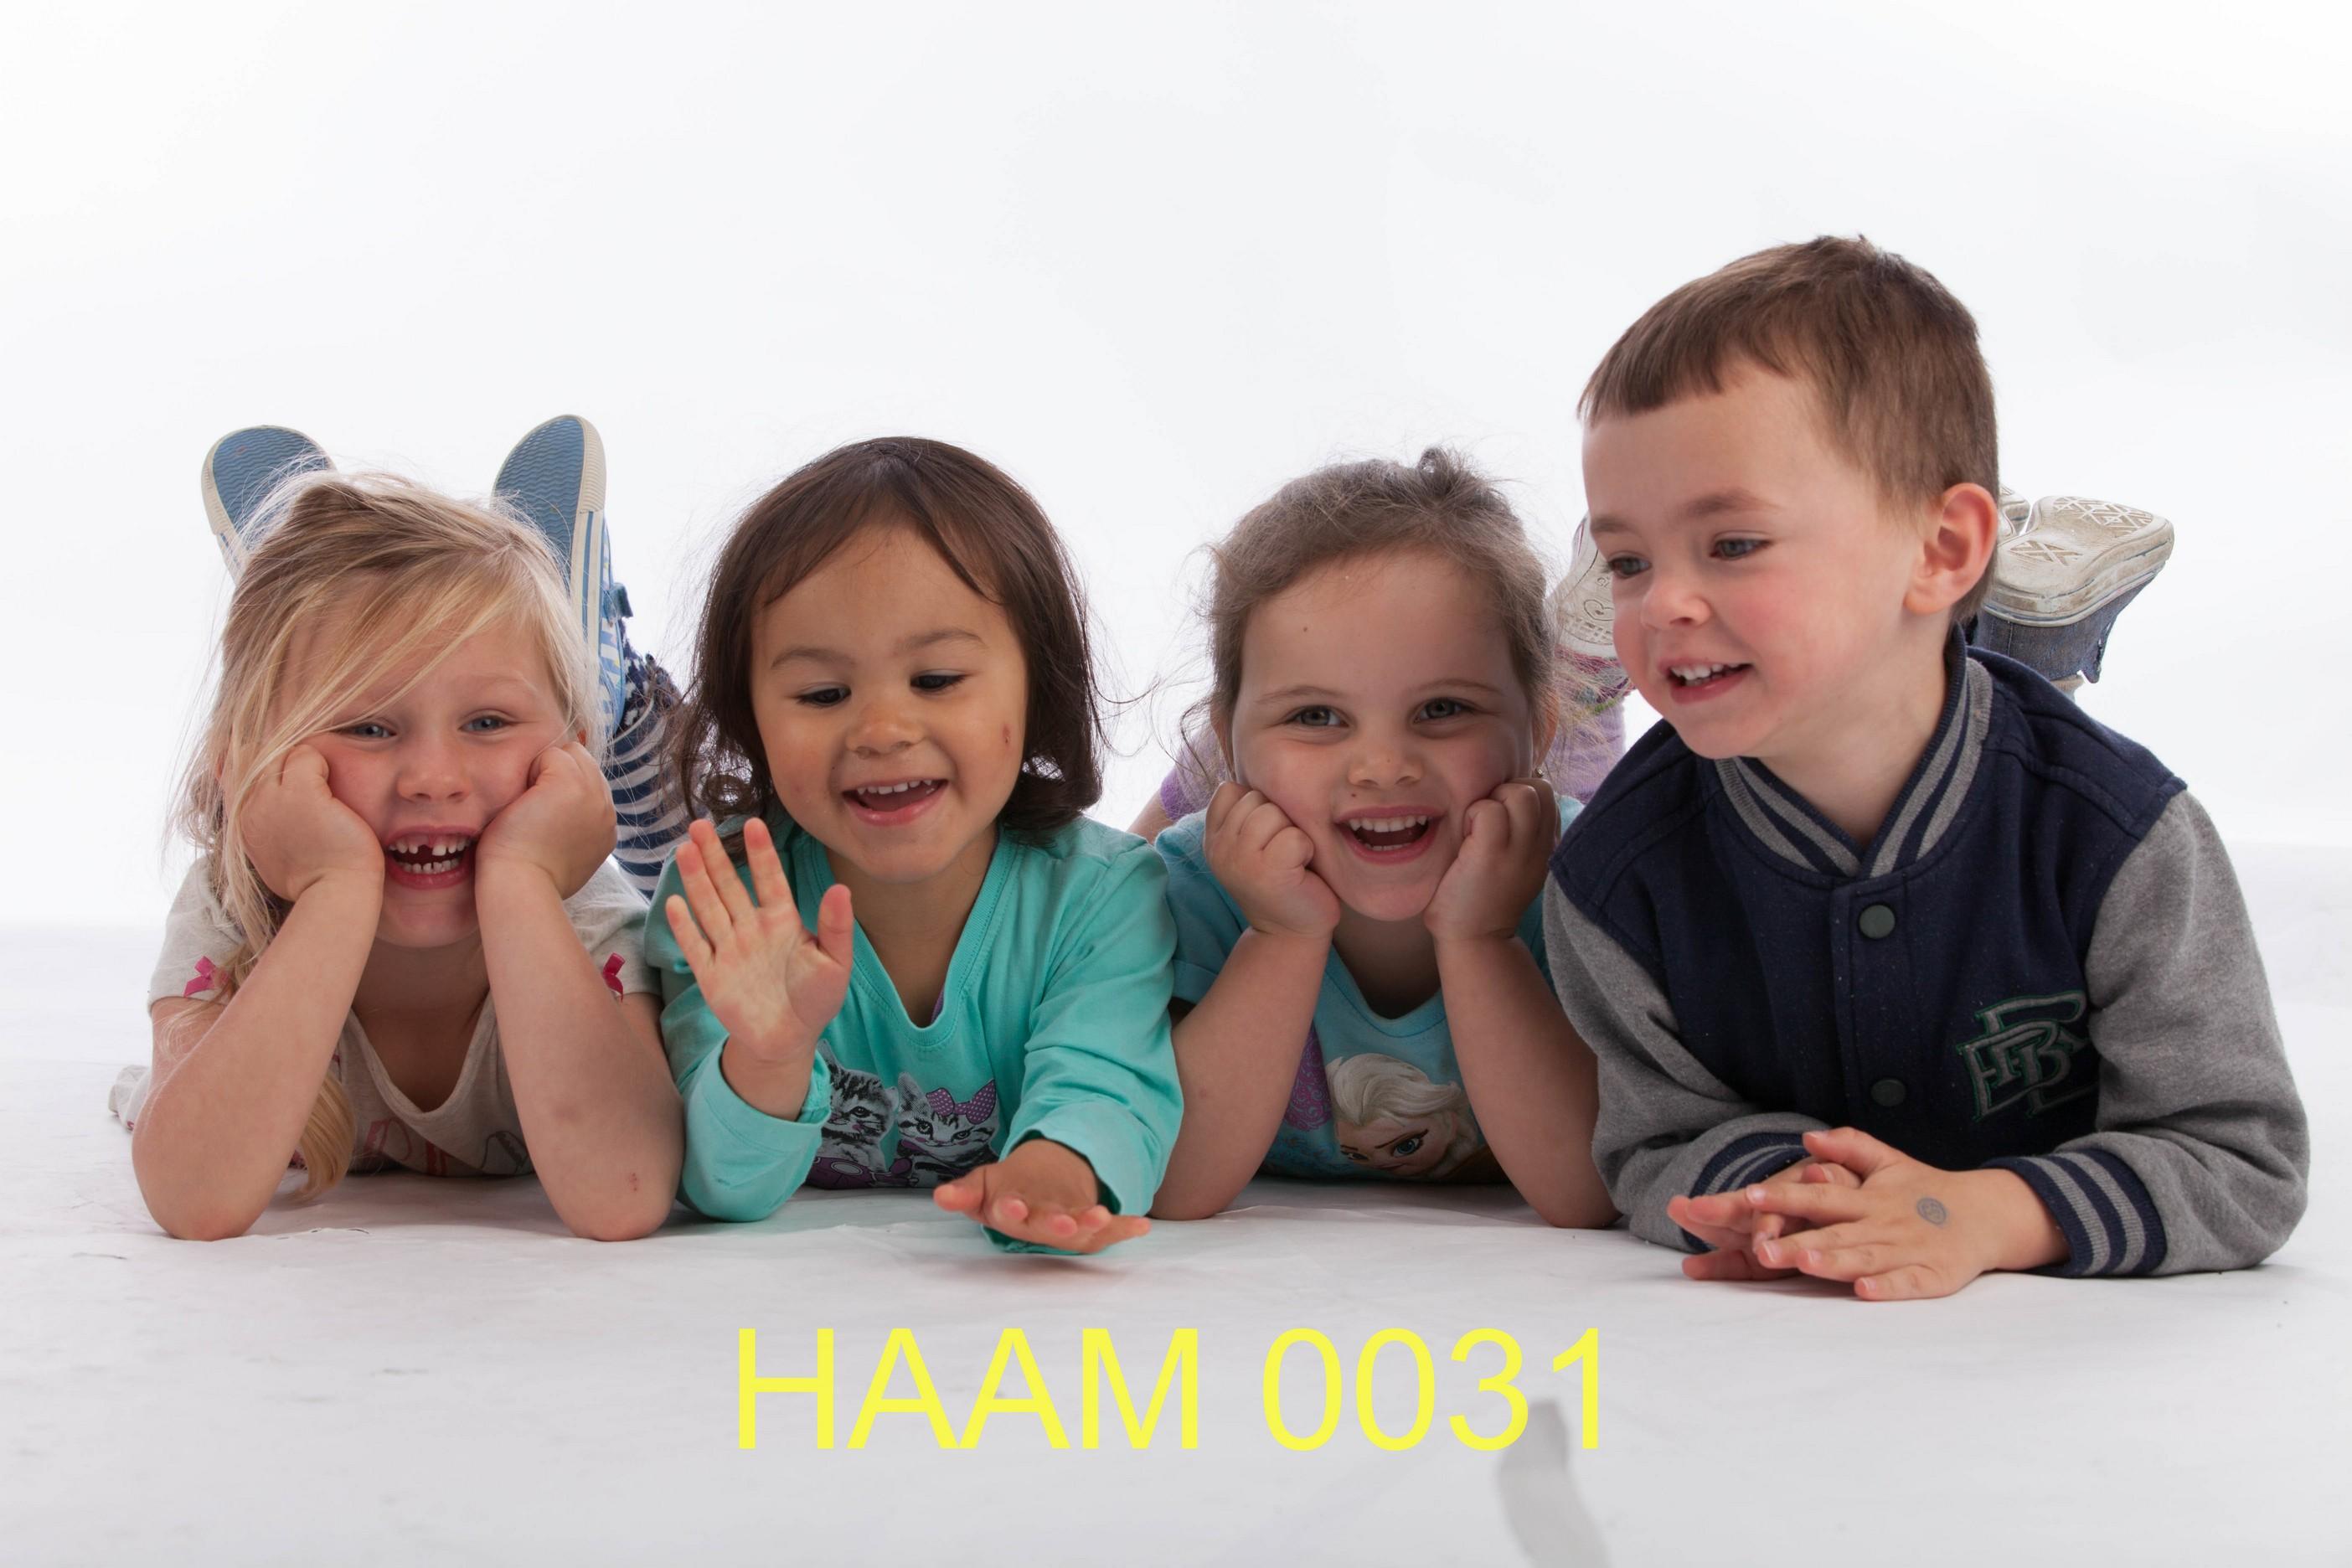 HAAM 0031